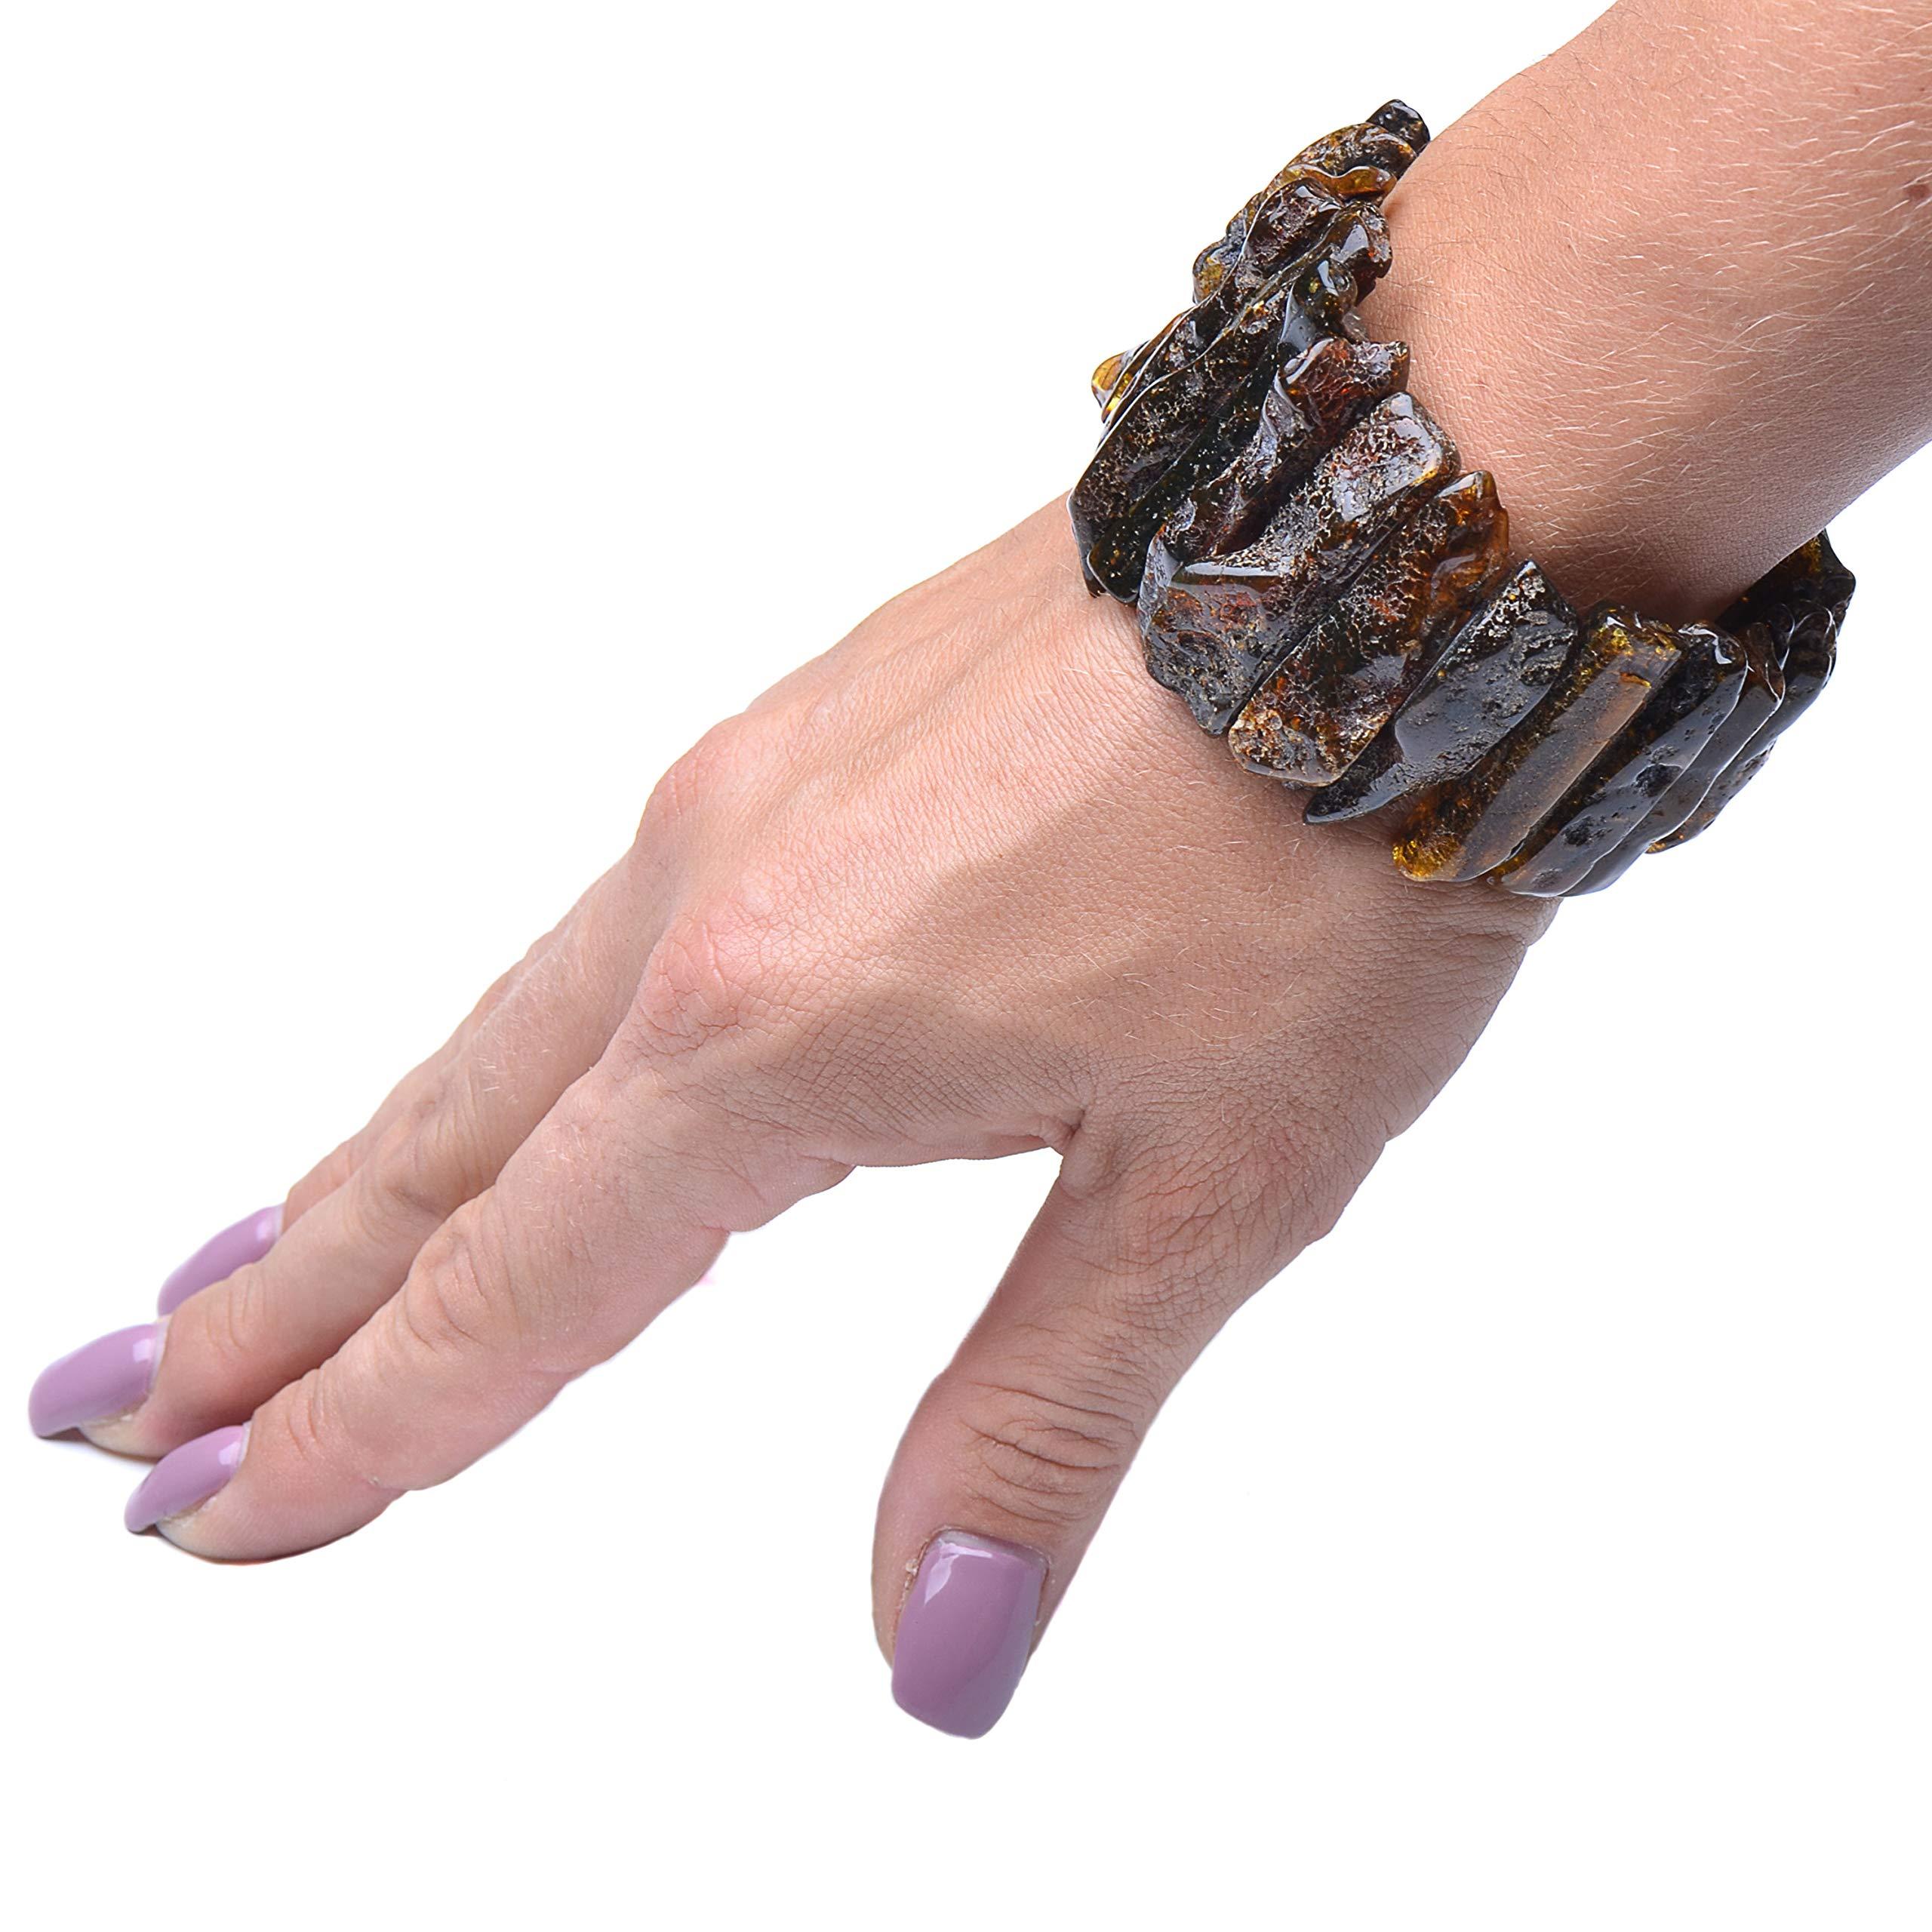 Massive Amber Bracelet - Unique Amber Bracelet - Exclusive Amber Bracelet - Amber Bracelet by Genuine Amber (Image #5)